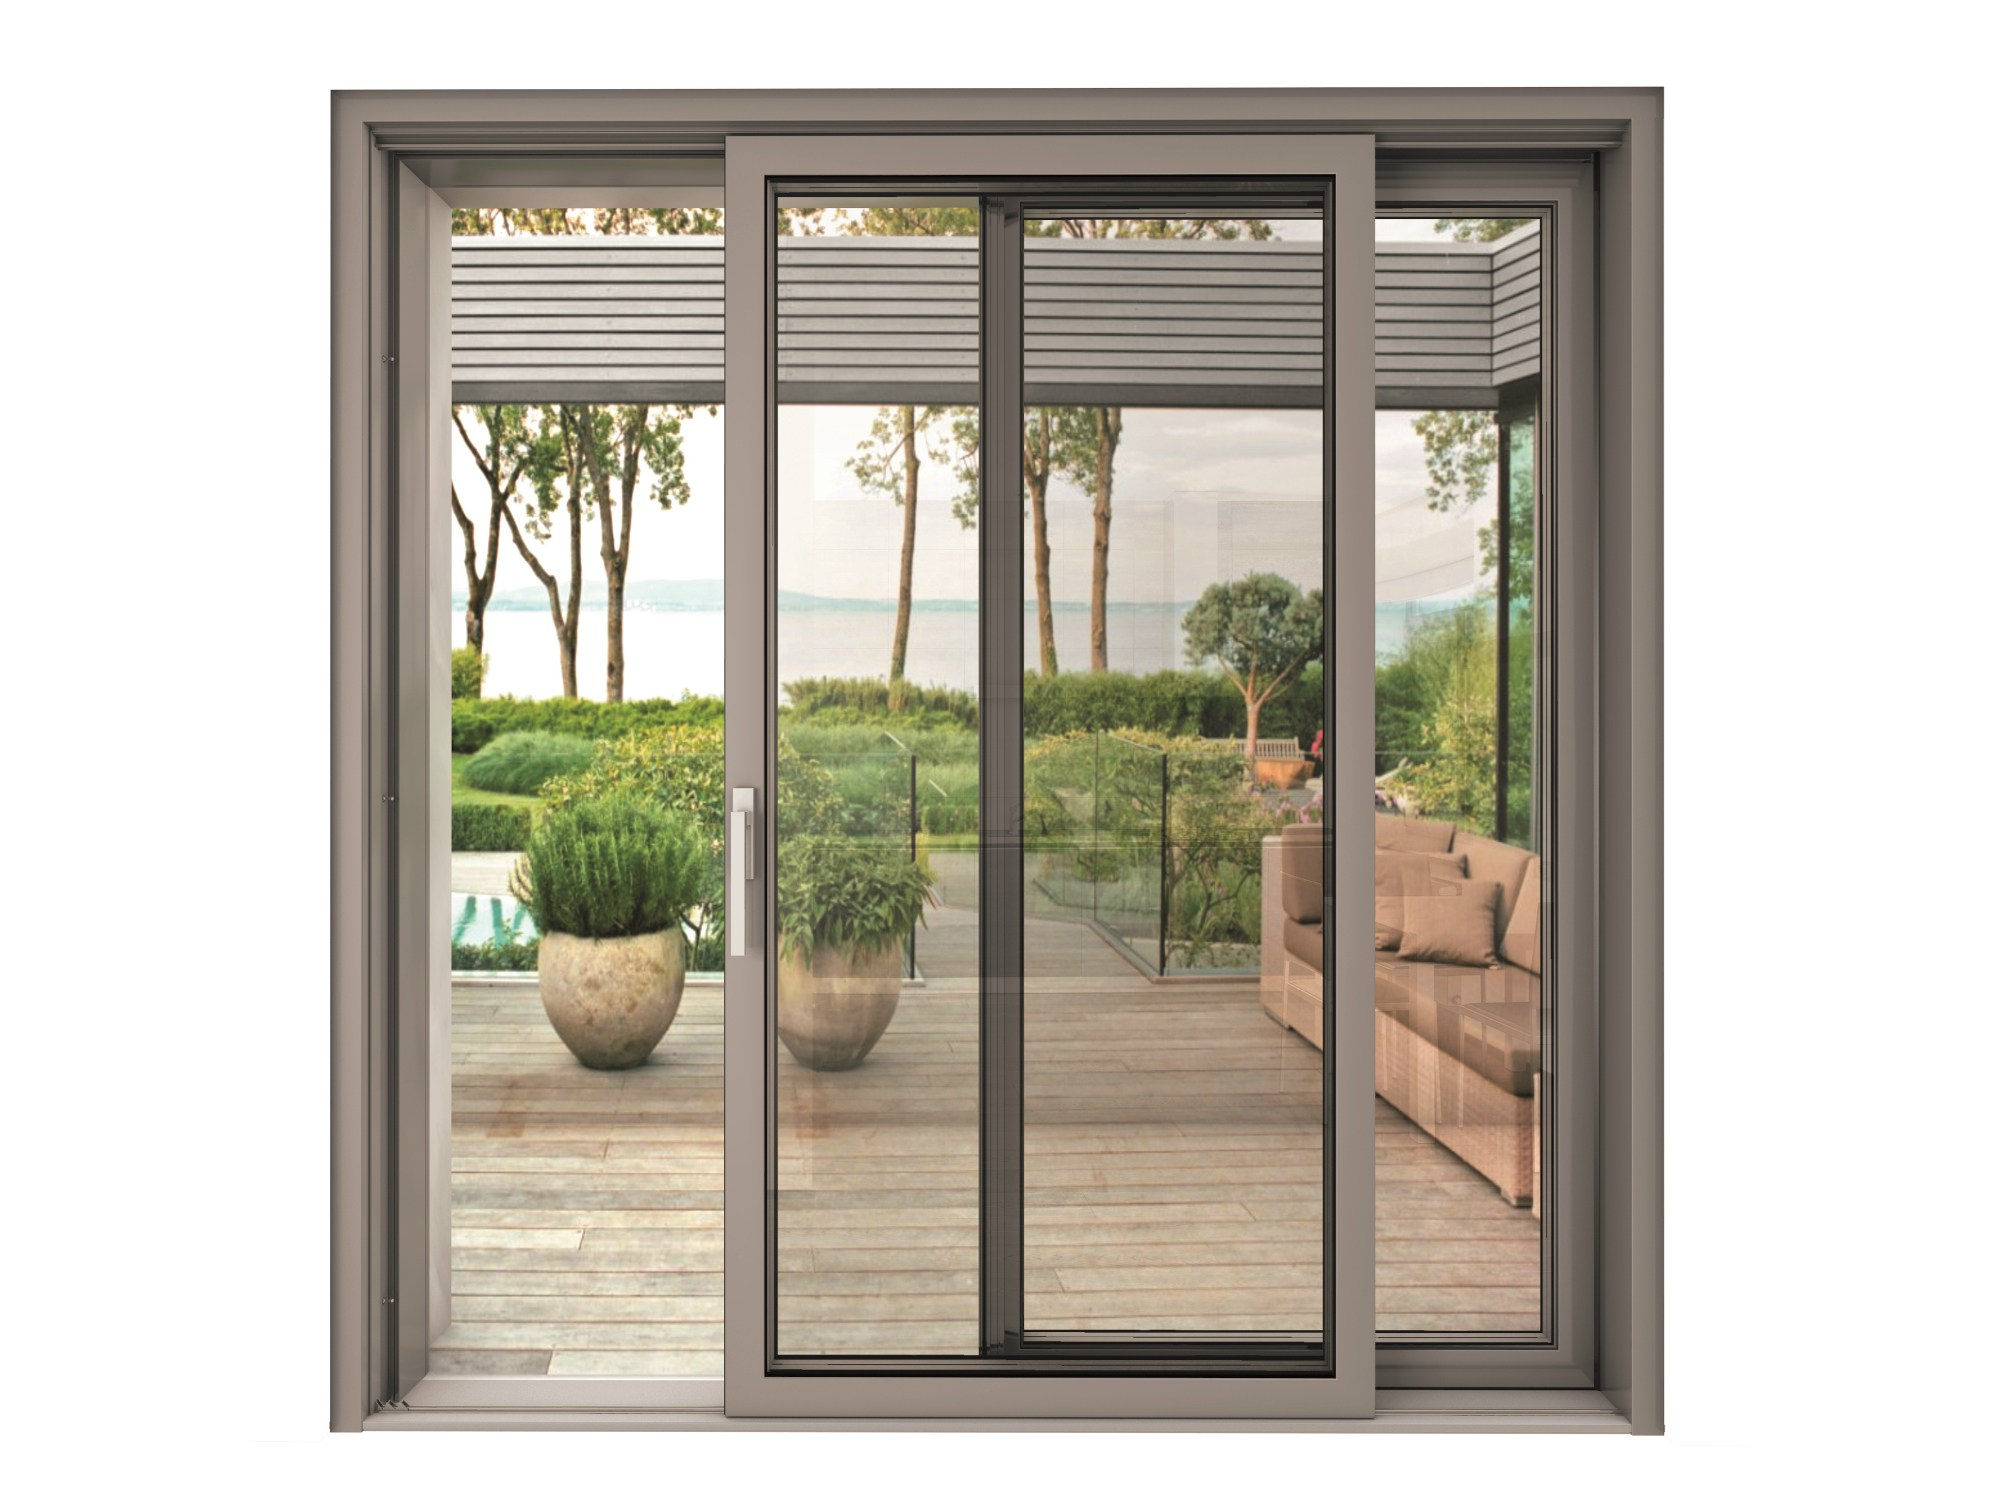 Finestre scorrevoli con triplo vetro | Archiproducts